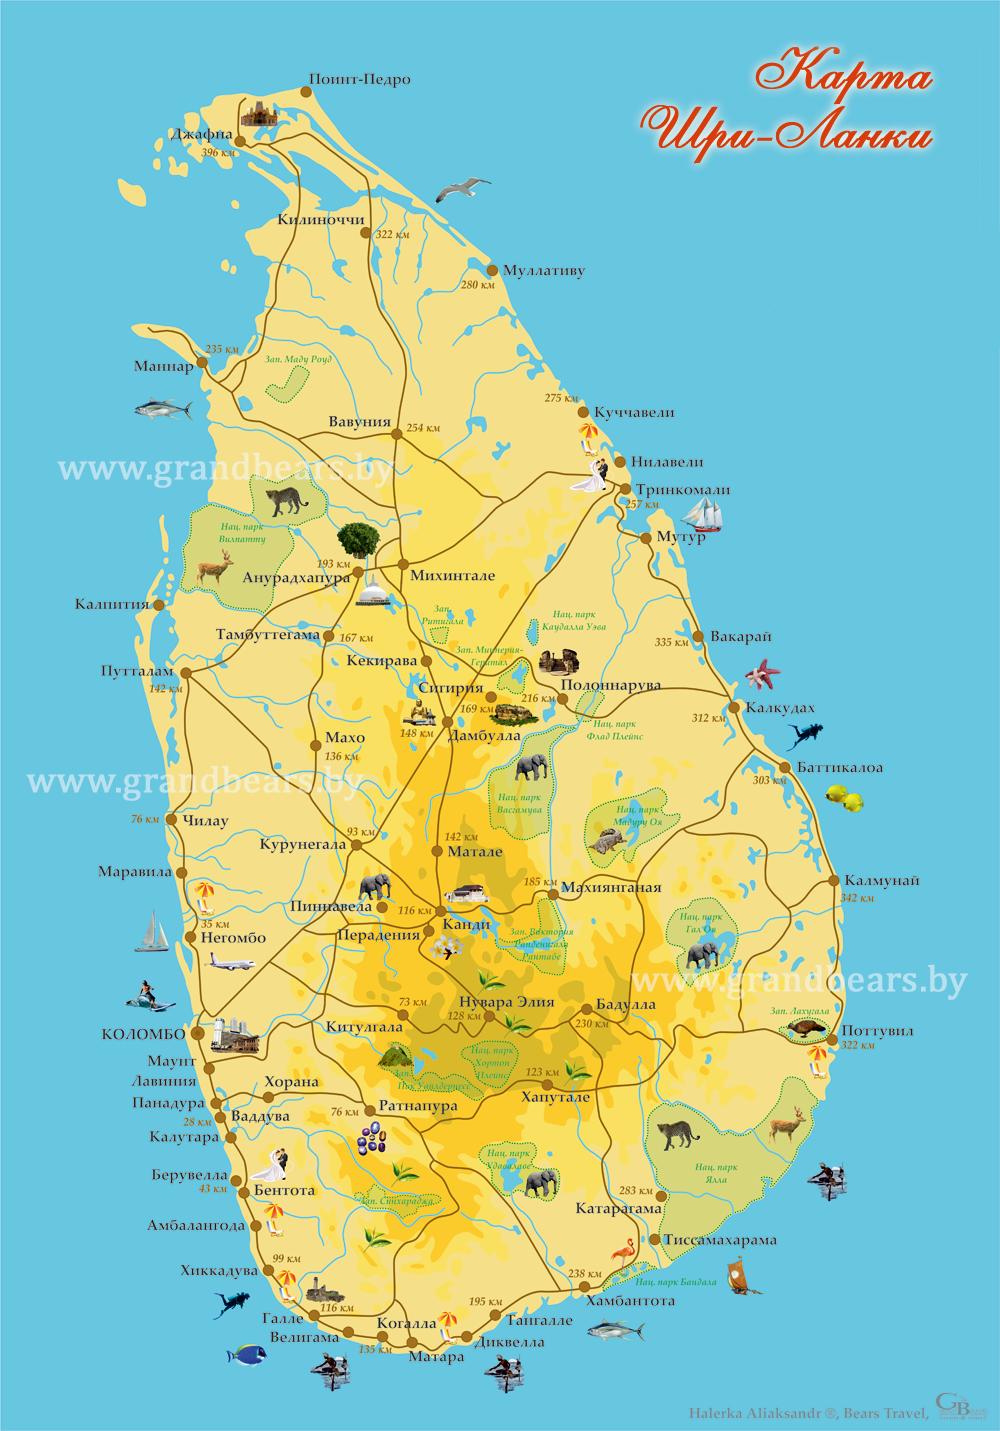 Halvat lennot Bangkok - Sri Lanka alkaen 7 817 ruplaa aviasales.ru-sivustolla